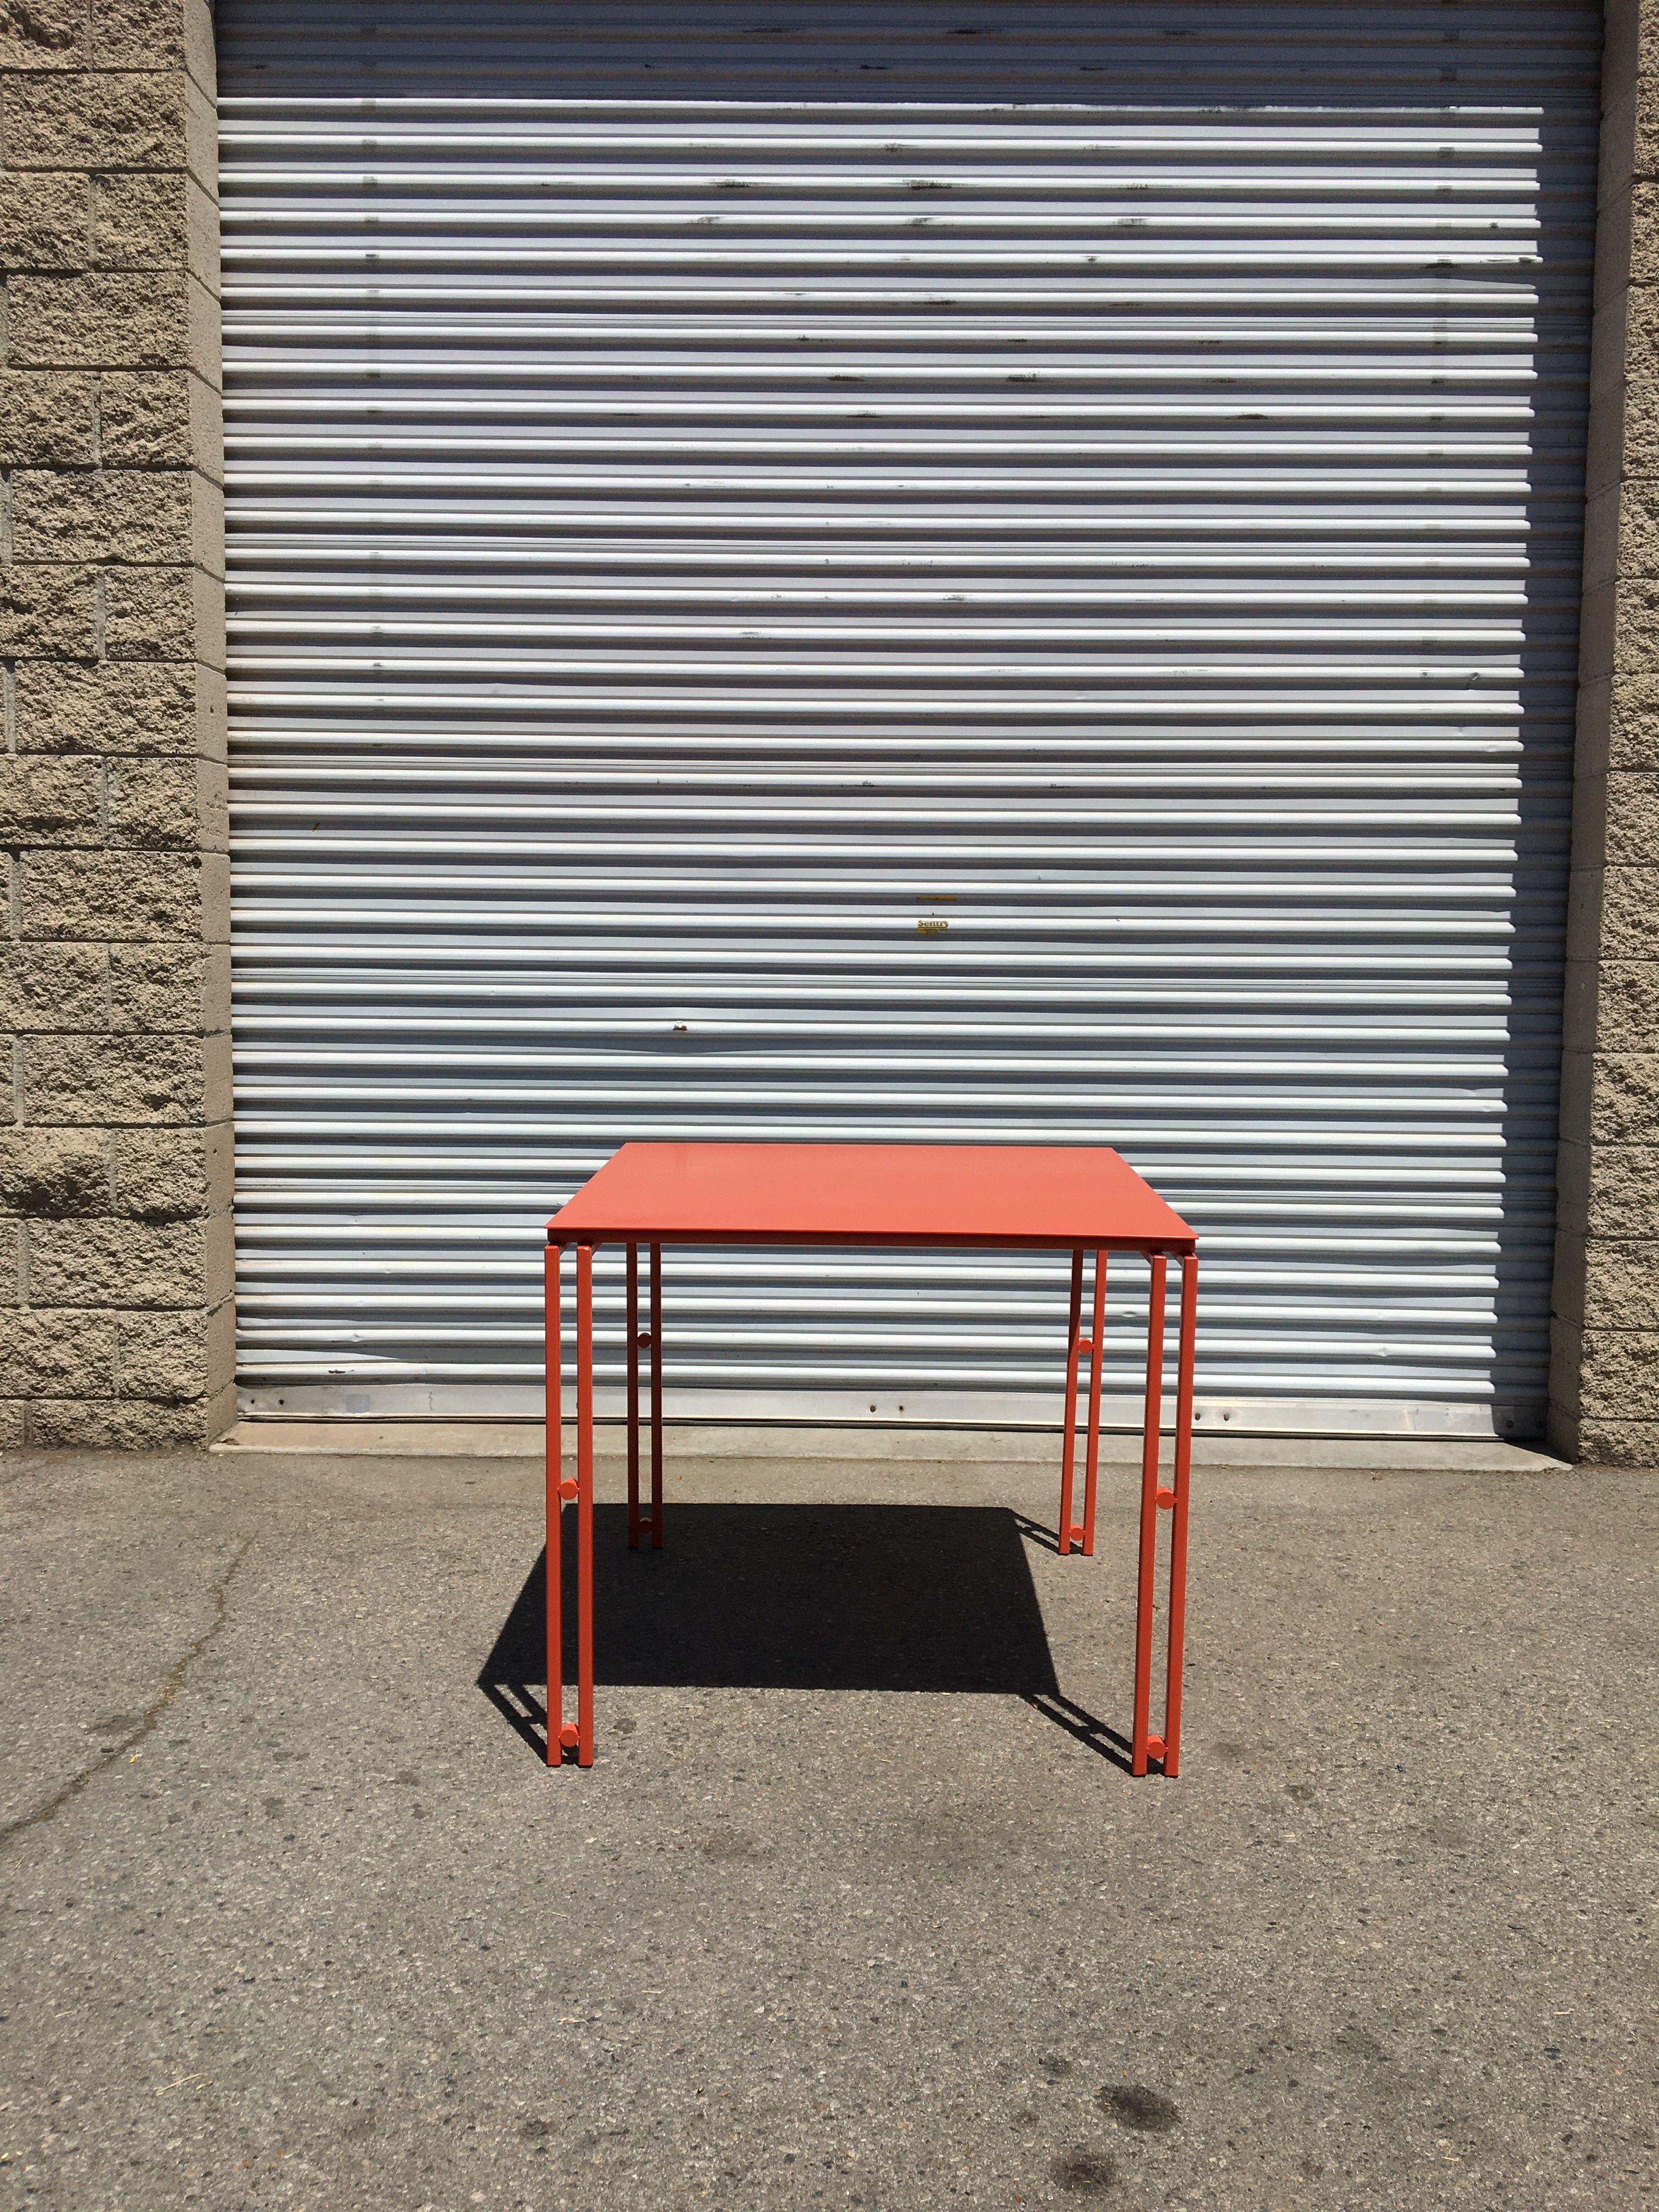 Suspension Metal Set - SIZED LA product image 6